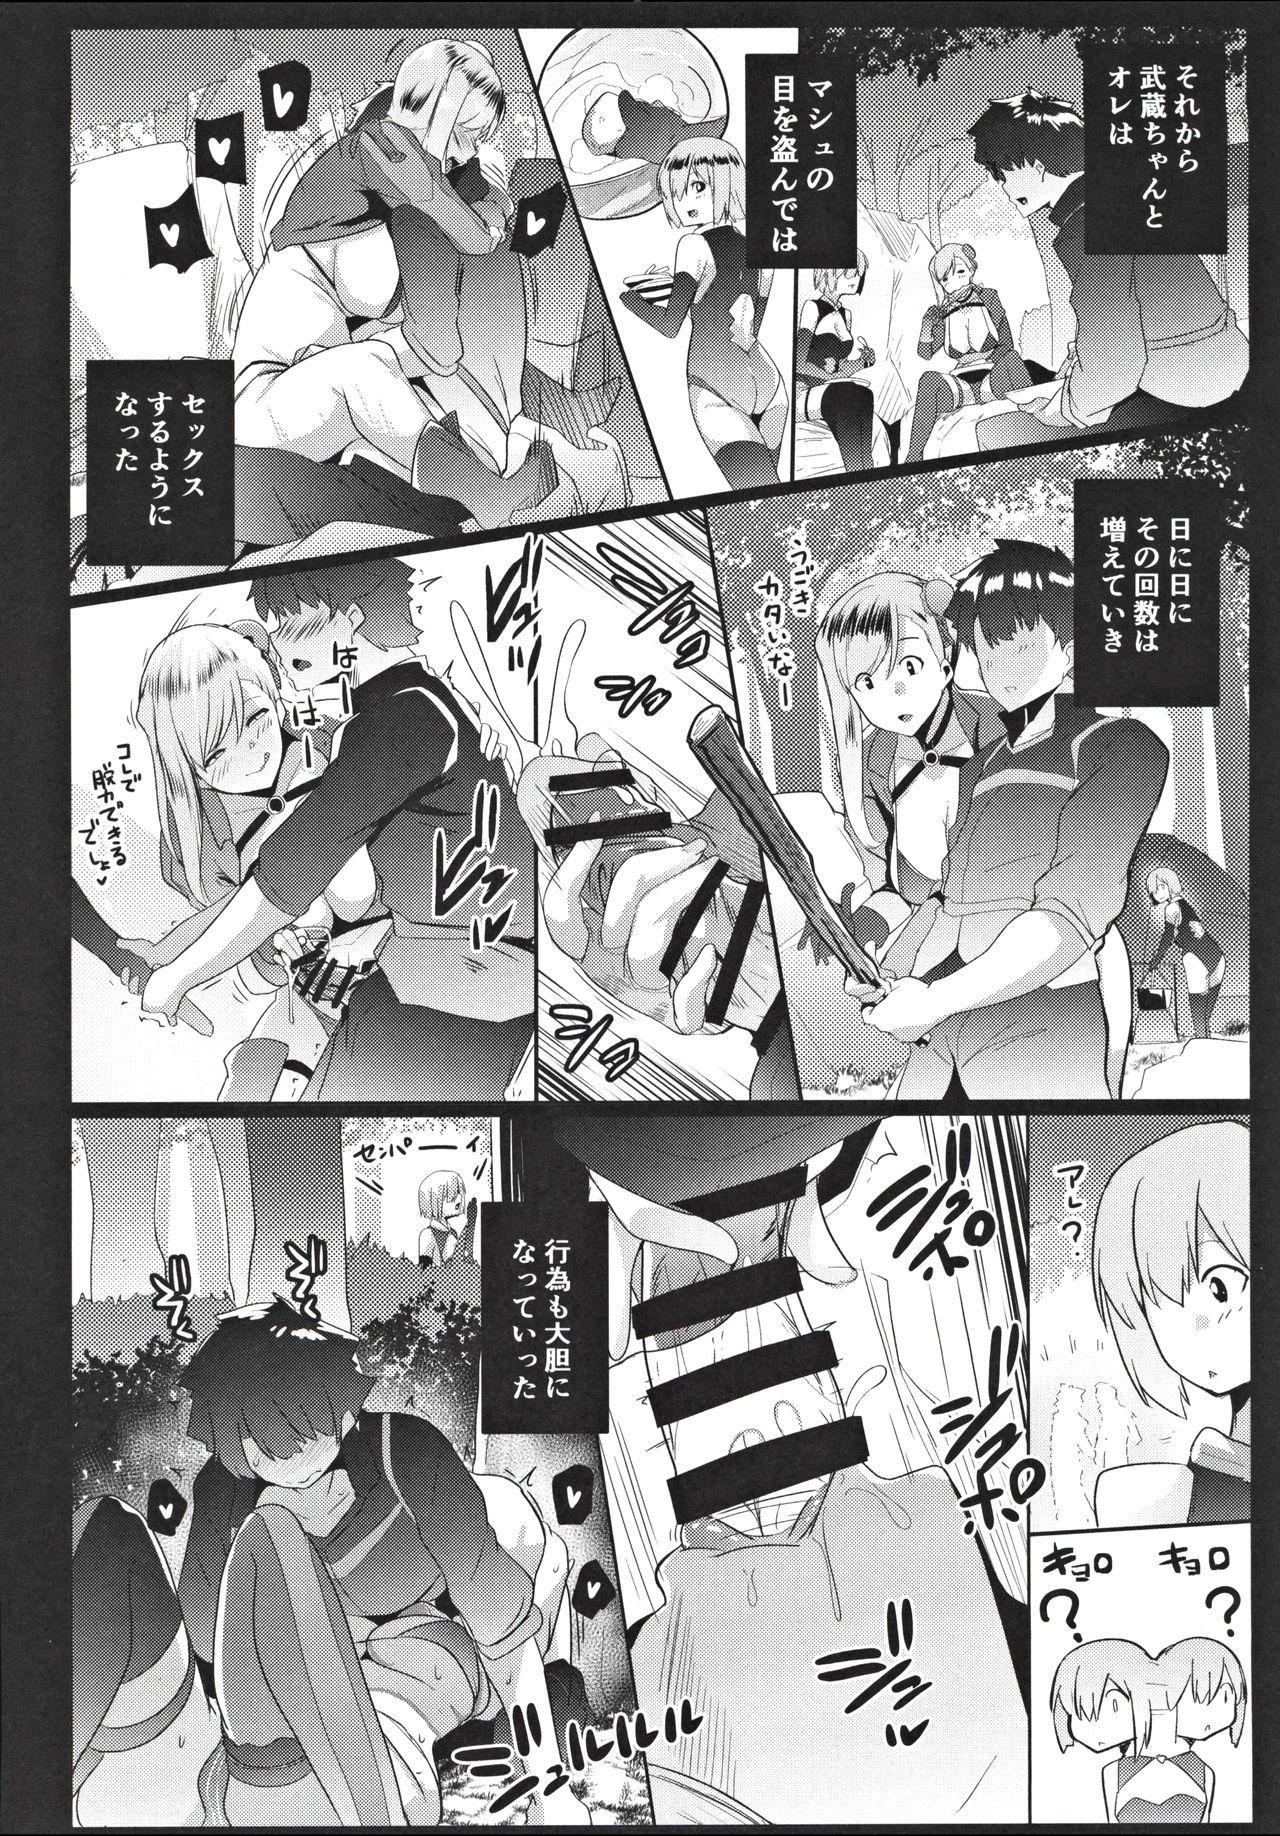 Musashi-chan to PakoCam 10